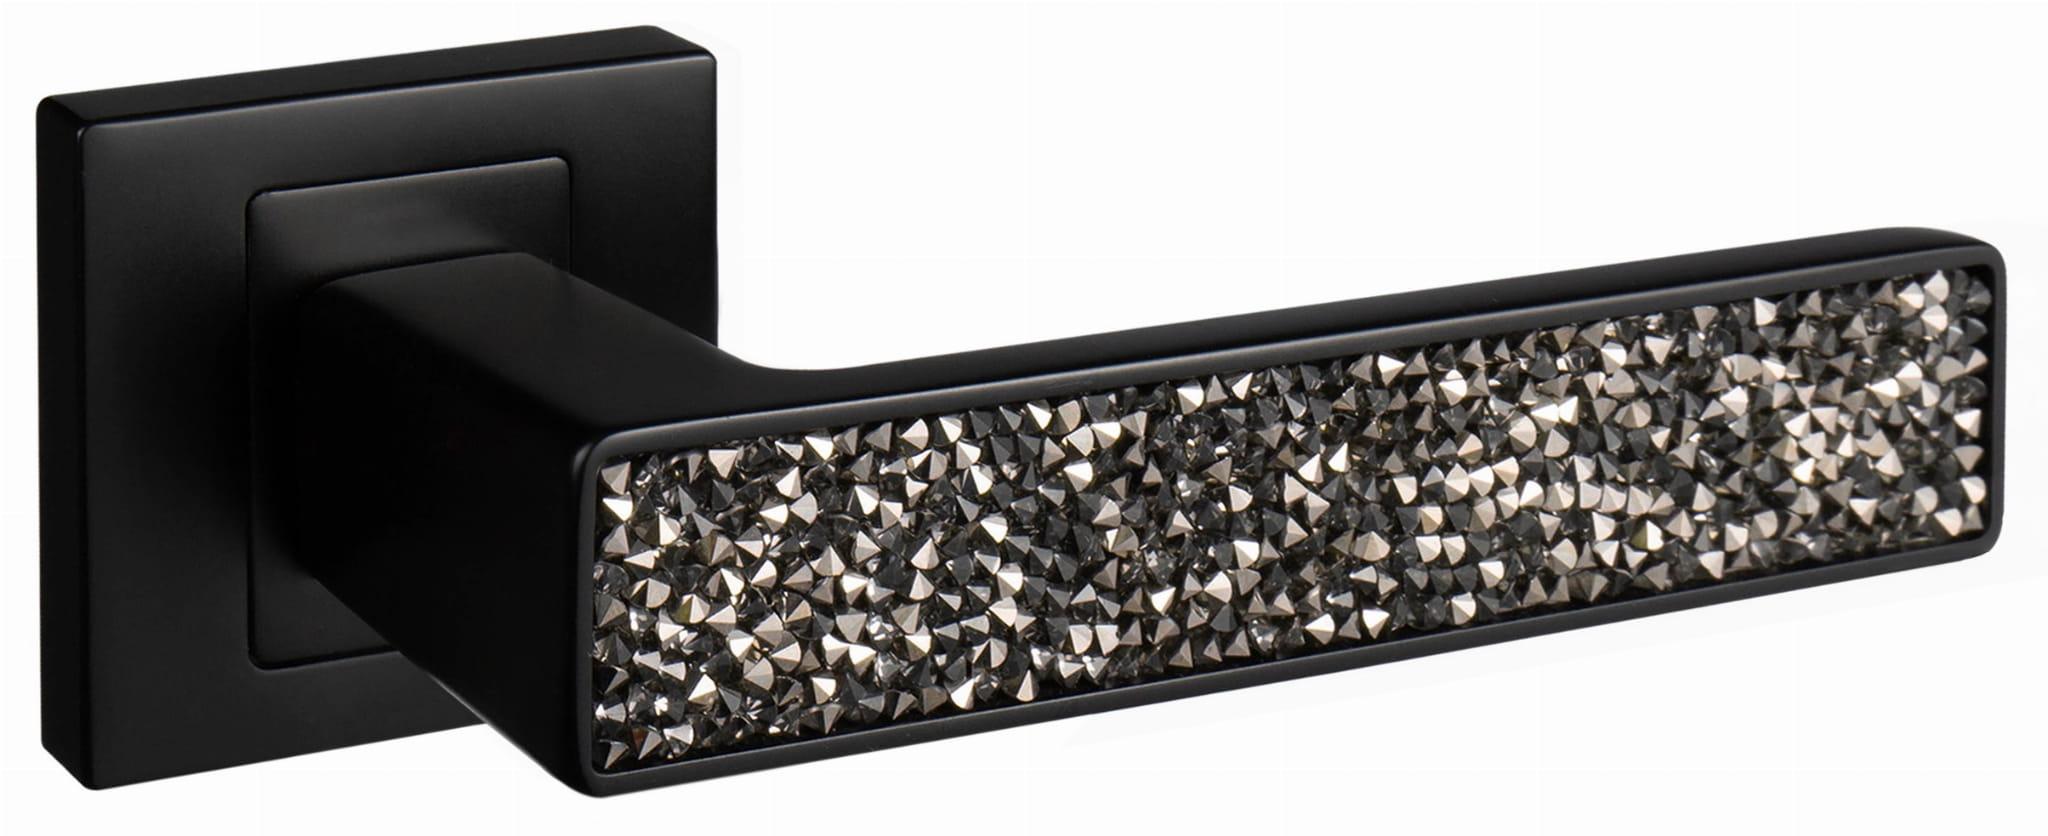 Infinity Line Concept KCK B00 černá/glamour - čtvercové rozetové